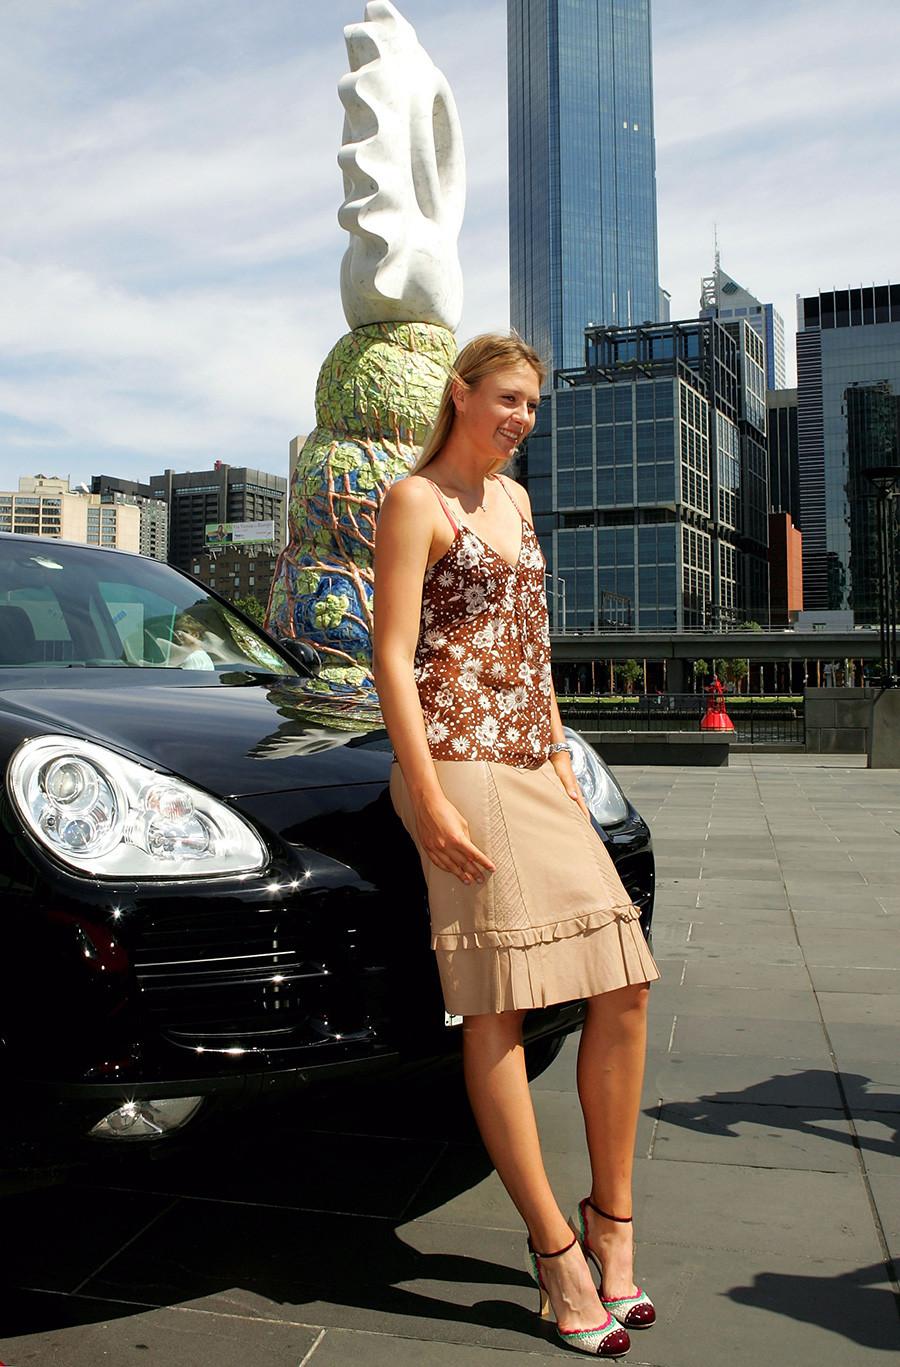 Posieren für ein Foto: Nach dem Gewinn der WTA Tour Championships 2004 in Los Angeles spendete Maria Scharapowa ihr Sieg-Auto, einen Porsche, für wohltätige Zwecke.